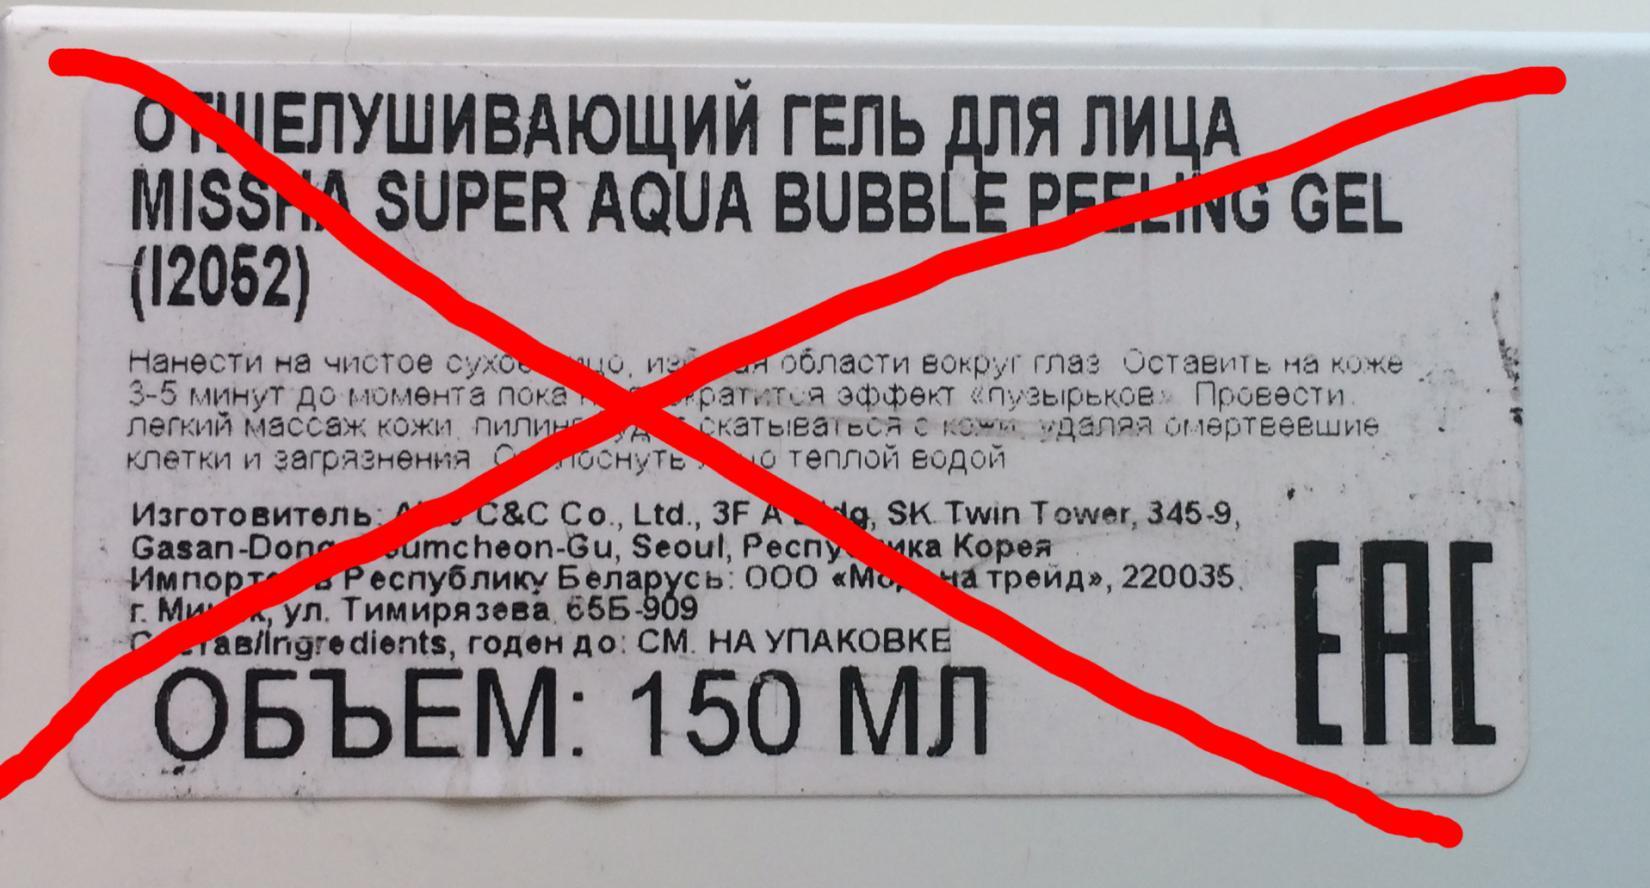 Пузырьковый пилинг-гель  Missha Super Aqua Bubble Peeling Gel - неправильная инструкция